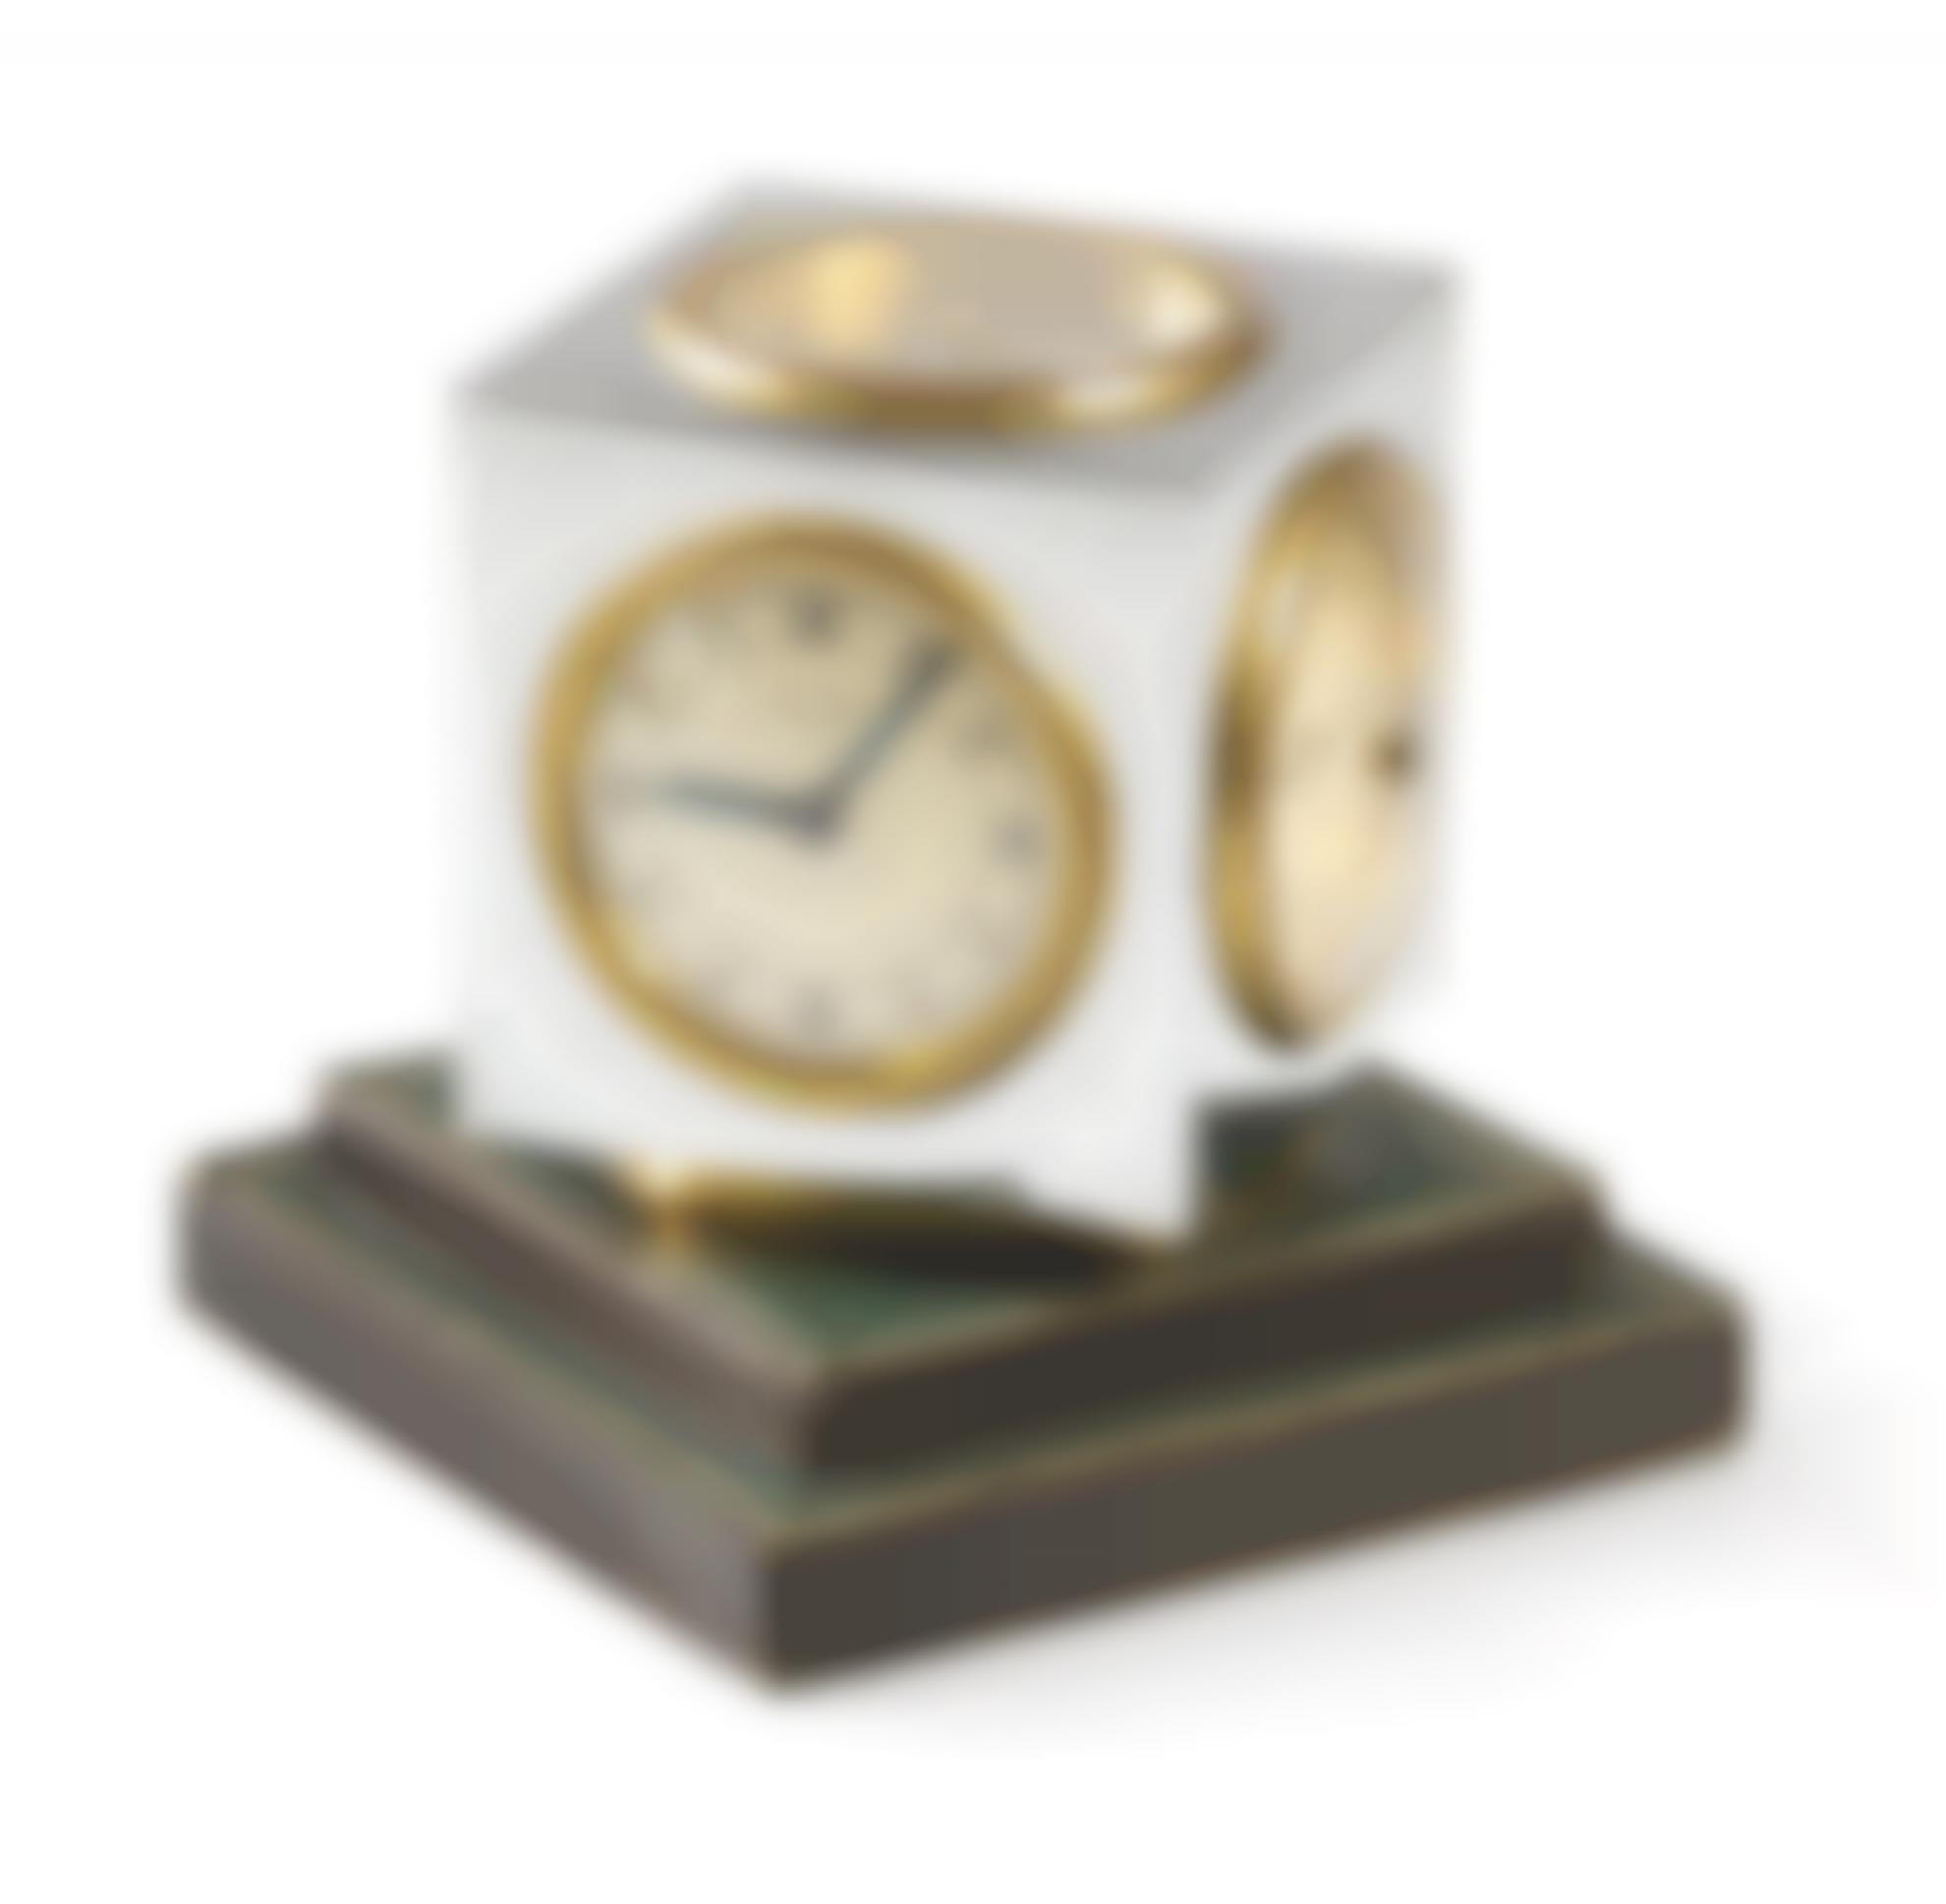 Paul Dupre-Lafon - Clock-1940